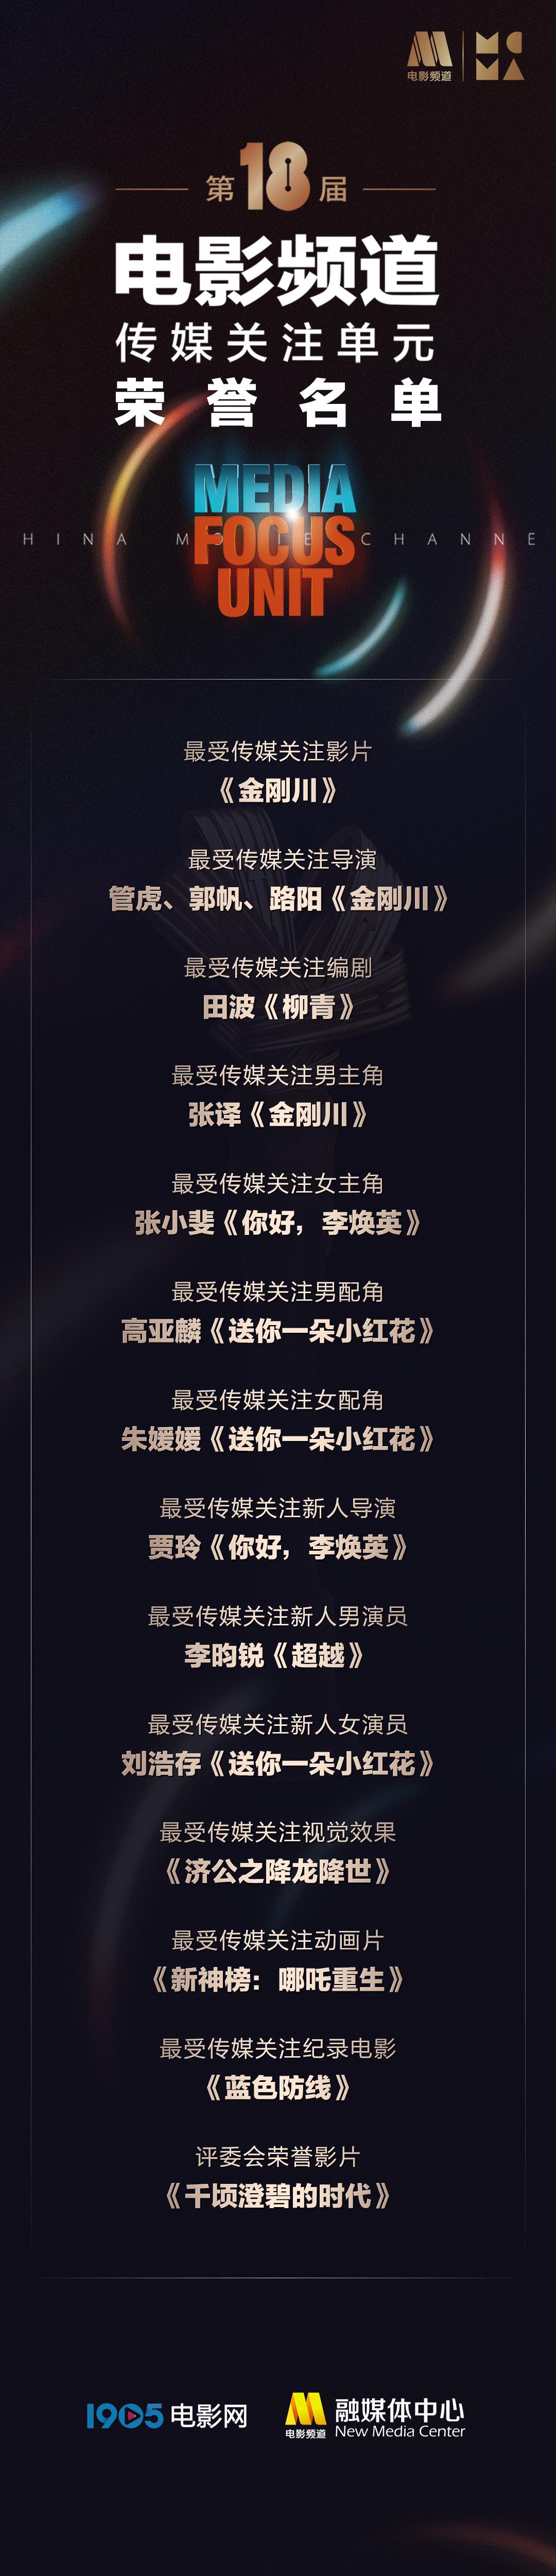 《金刚川》摘最受传媒关注影片 张译张小斐获荣誉